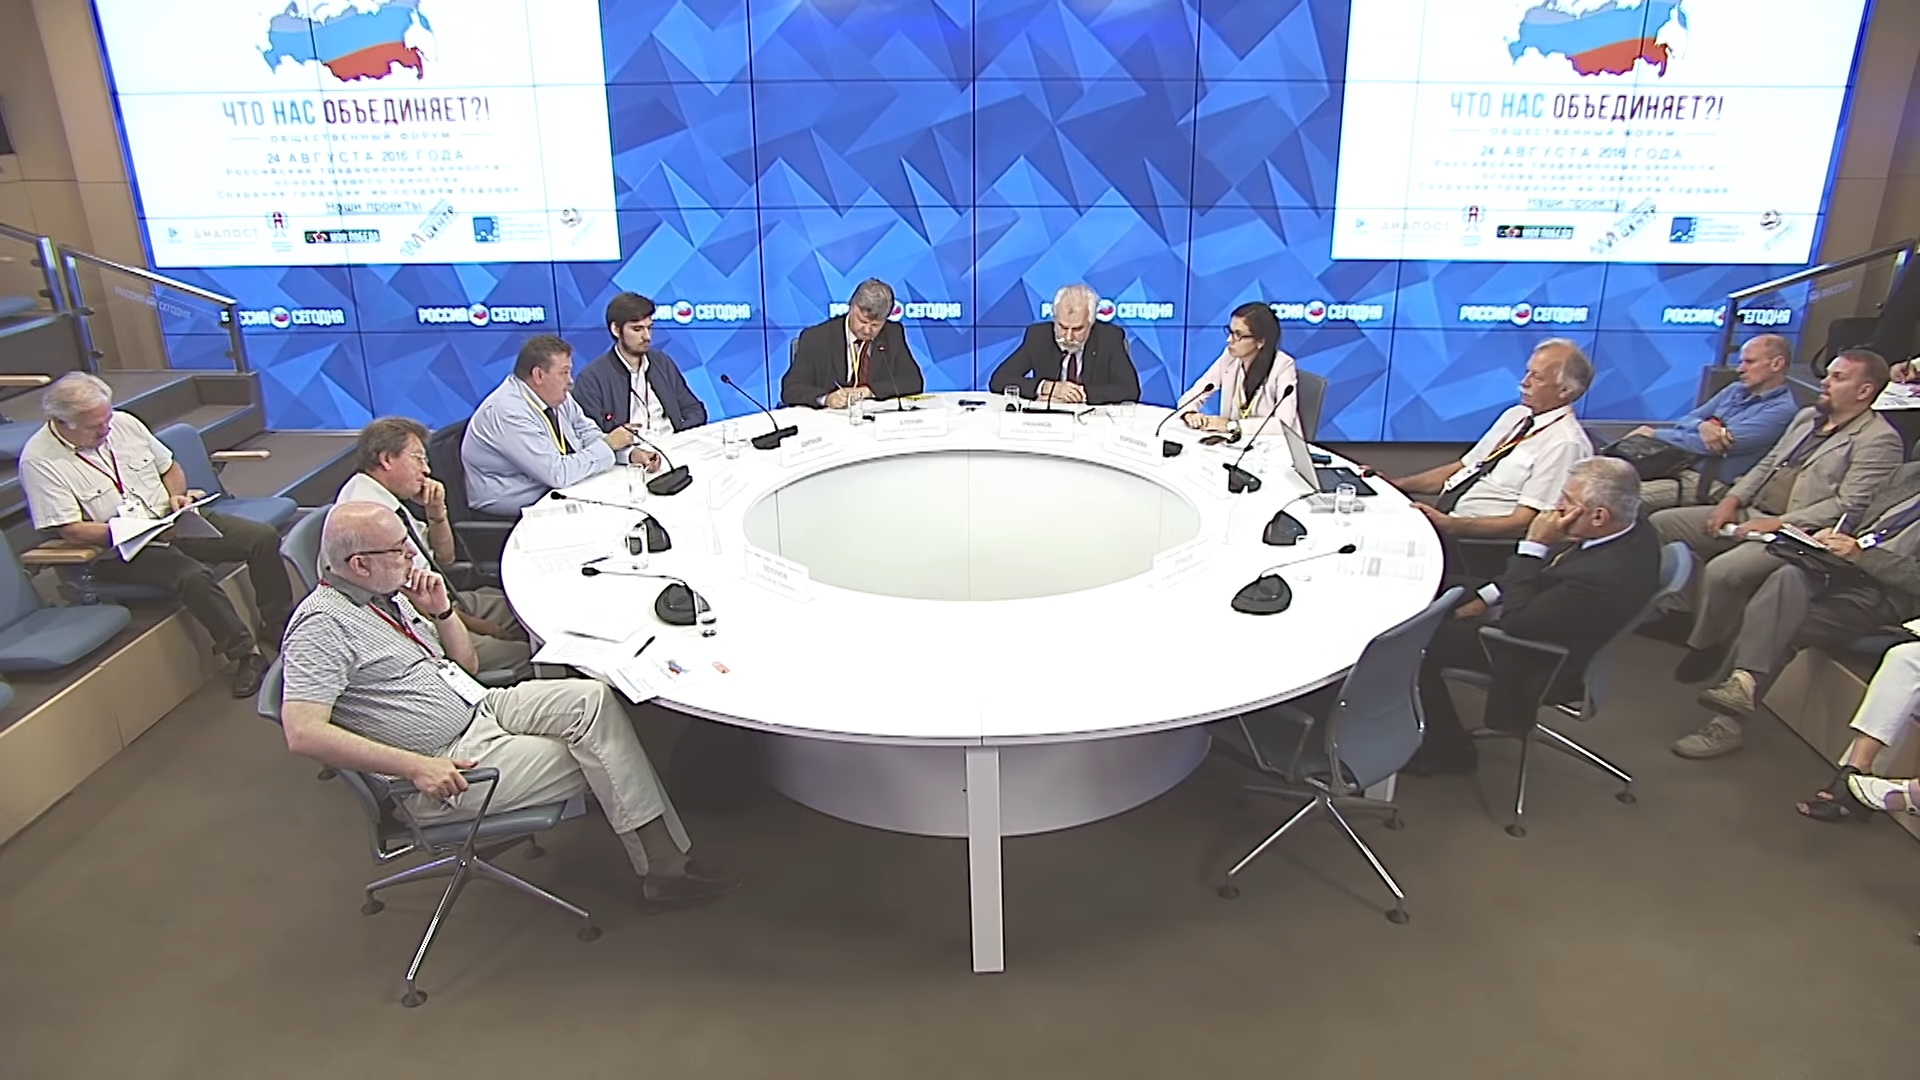 20160903-Евгений Спицын. Выступление на II Общественном форуме Что нас объединяет